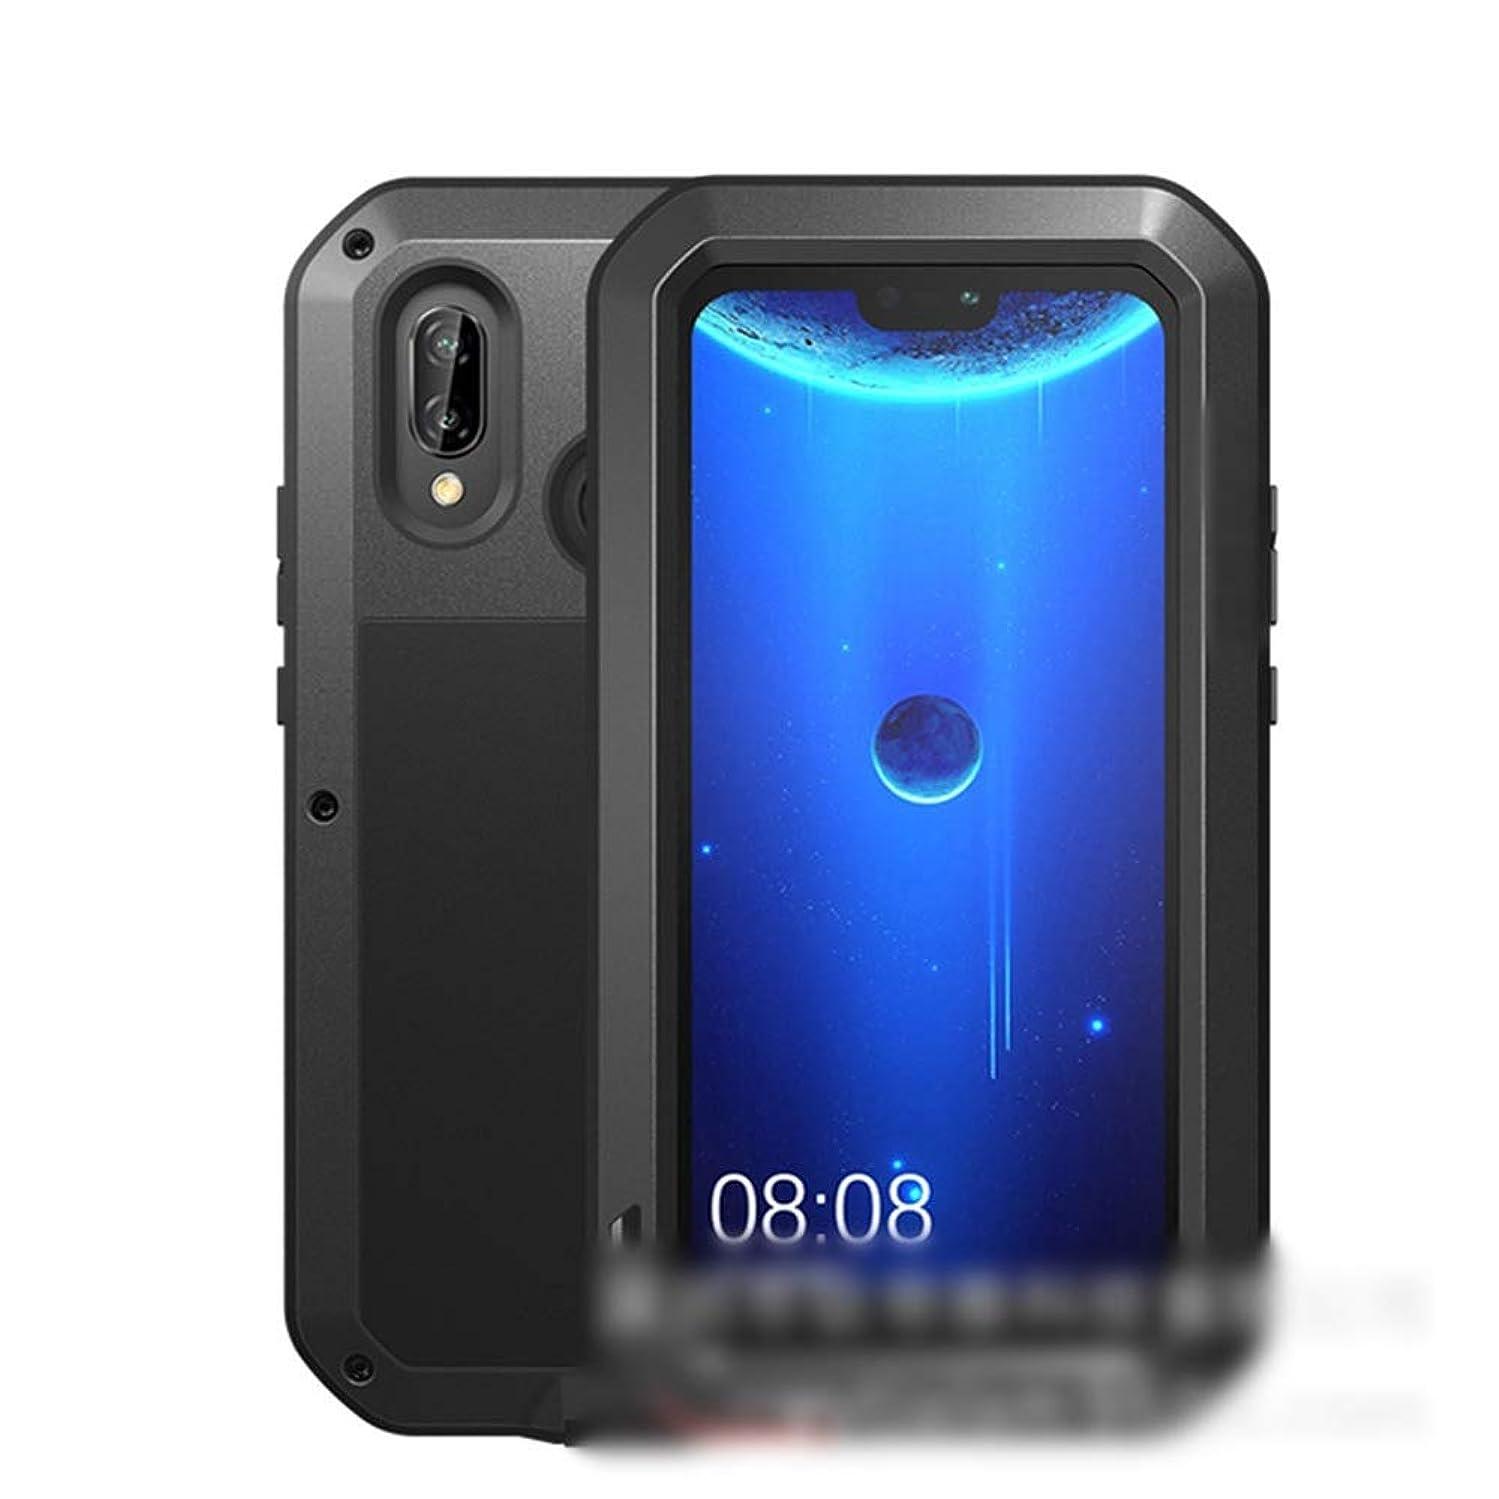 中央値感じ火曜日Tonglilili Huawei社P20、P20 Pro、P20 Lite、Mate10、Mate10 Pro、Mate20、Mate20 Pro、Nova 3e、Mate20 Lite用の3つの携帯電話シェル新しい金属製の落下防止カバー電話ケース (Color : 黒, Edition : Nova 3e)